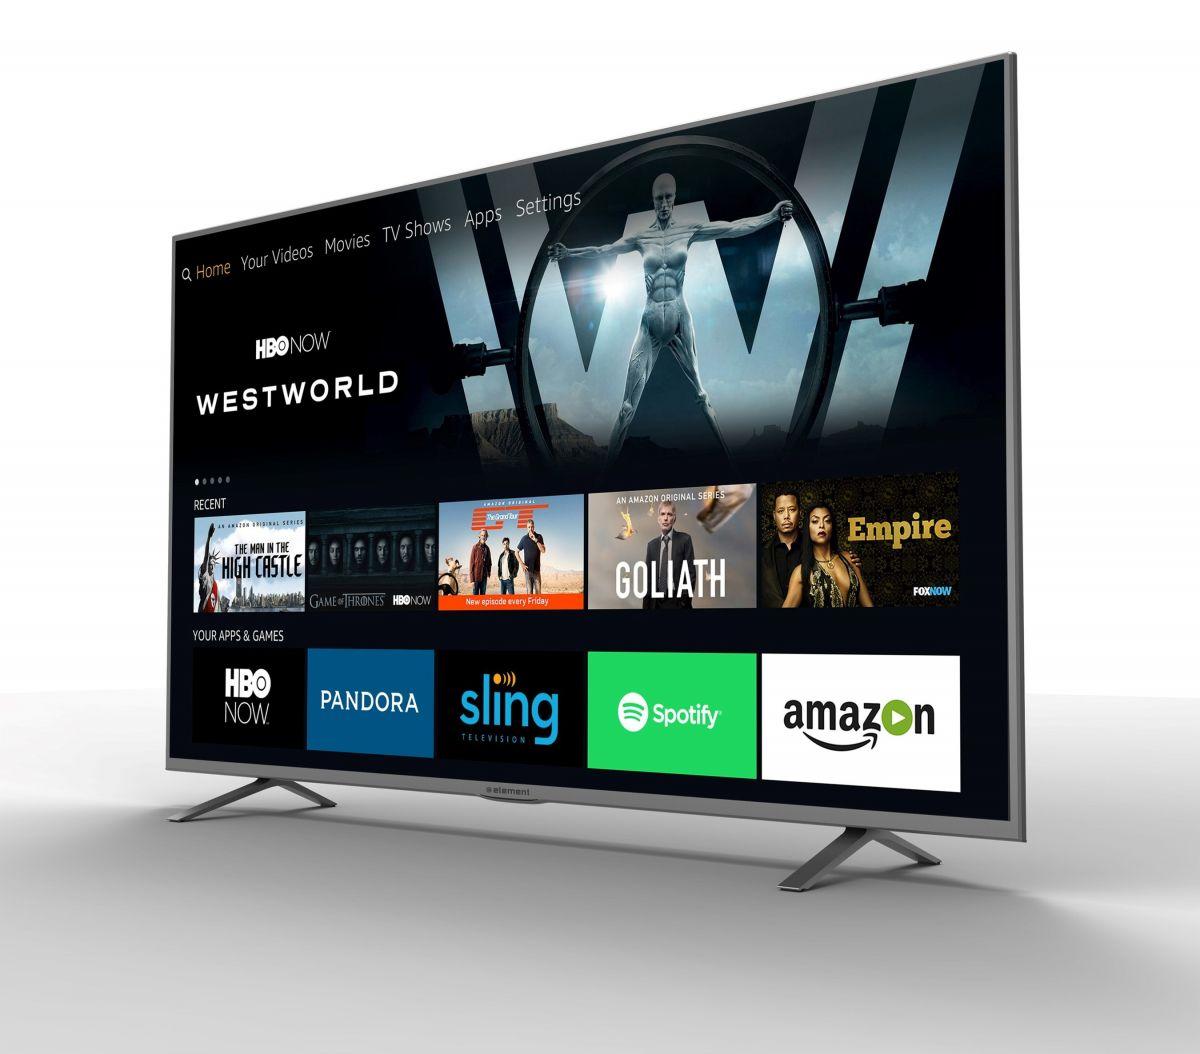 Первый телевизор от Amazon: Amazon умело выводит на новую сцену свой умный интерфейс